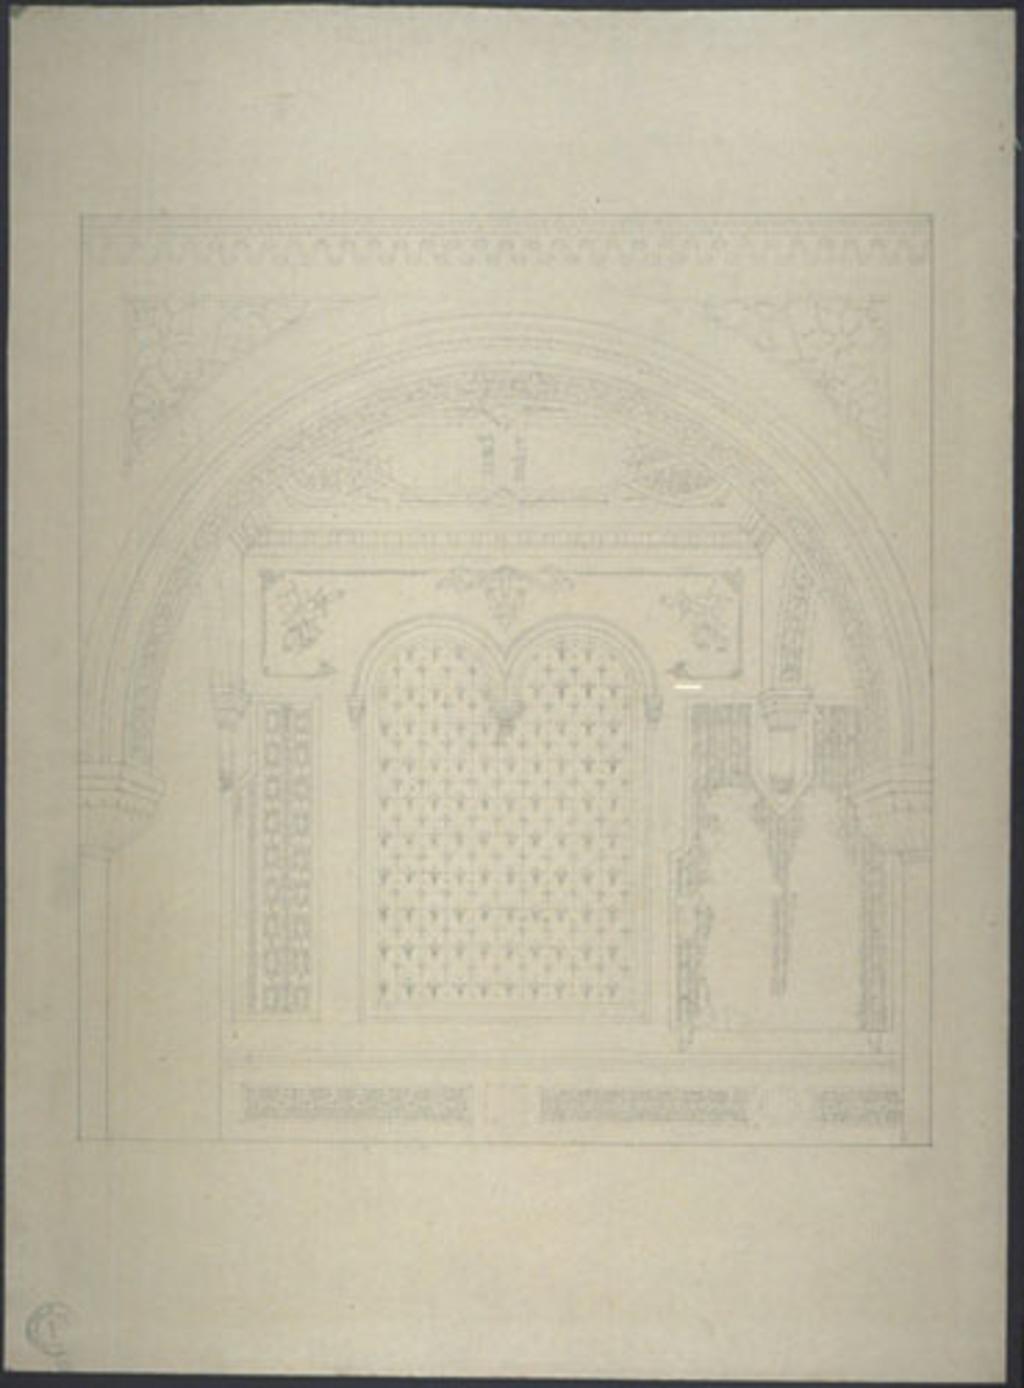 Relevé des motifs ornementaux d'une travée d'un bas-côté. Étude pour la rénovation de la chapelle Nazareth, Montréal